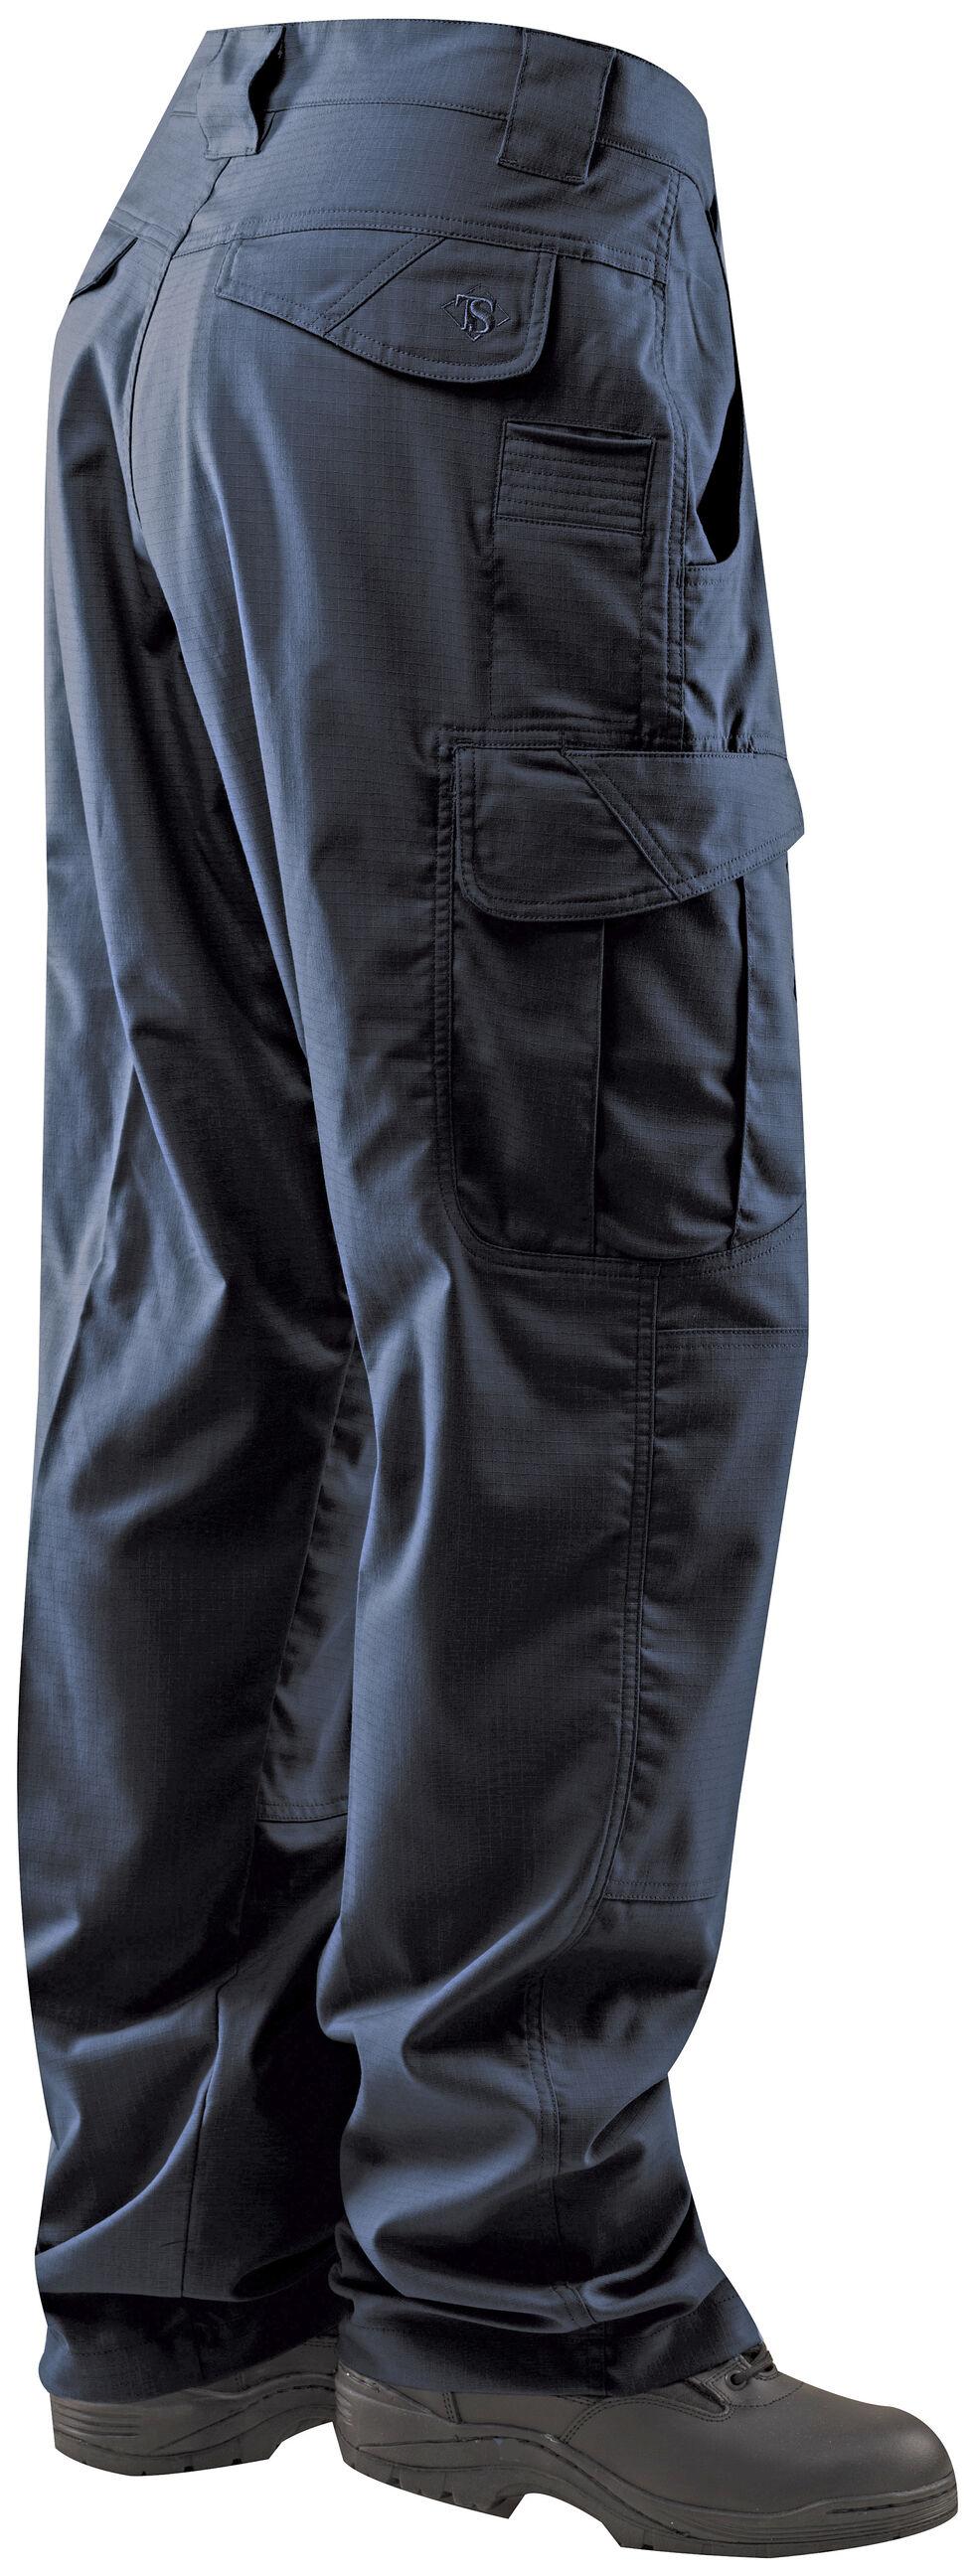 Tru-Spec Men's 24-7 Series Ascent Pants, Navy, hi-res